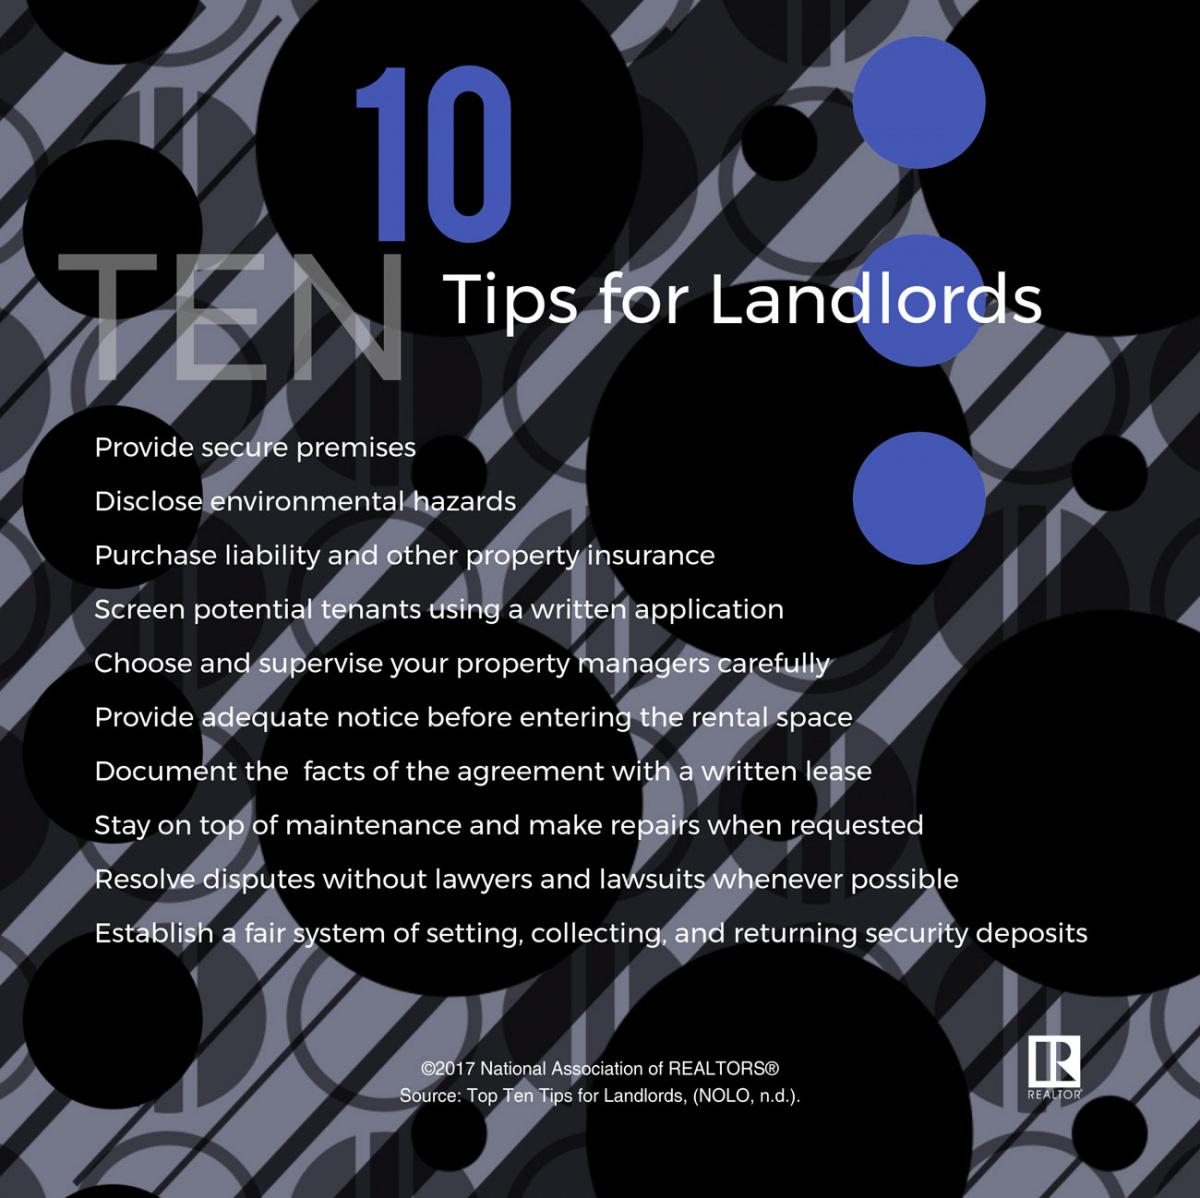 10 Tips for Landlords